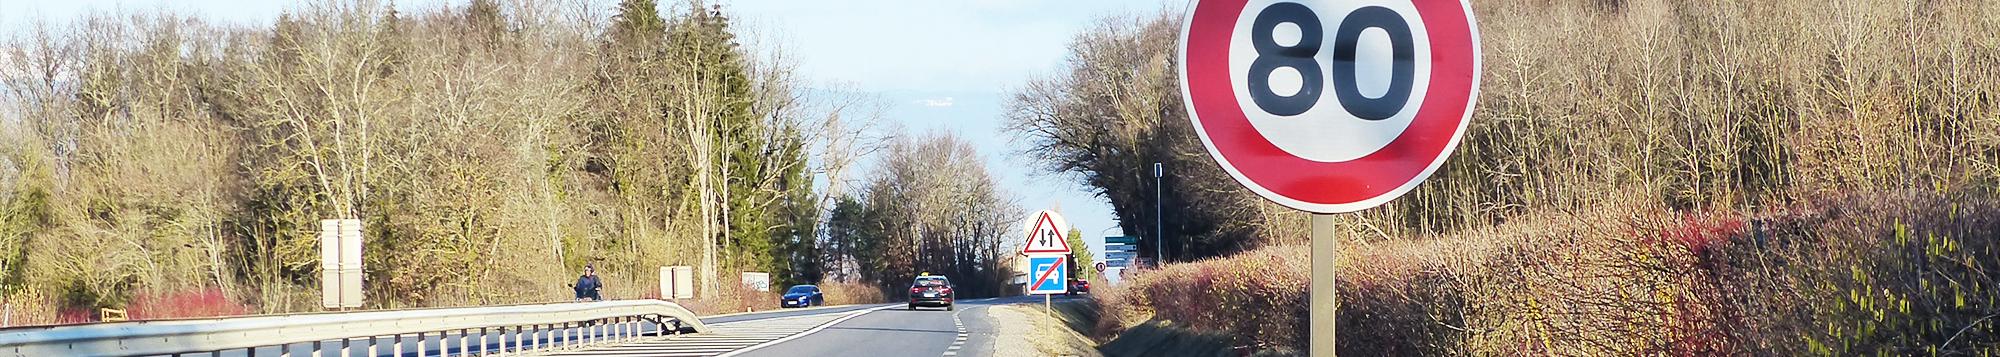 Route départementale panneau signalisation limitation vitesse 80 km/h